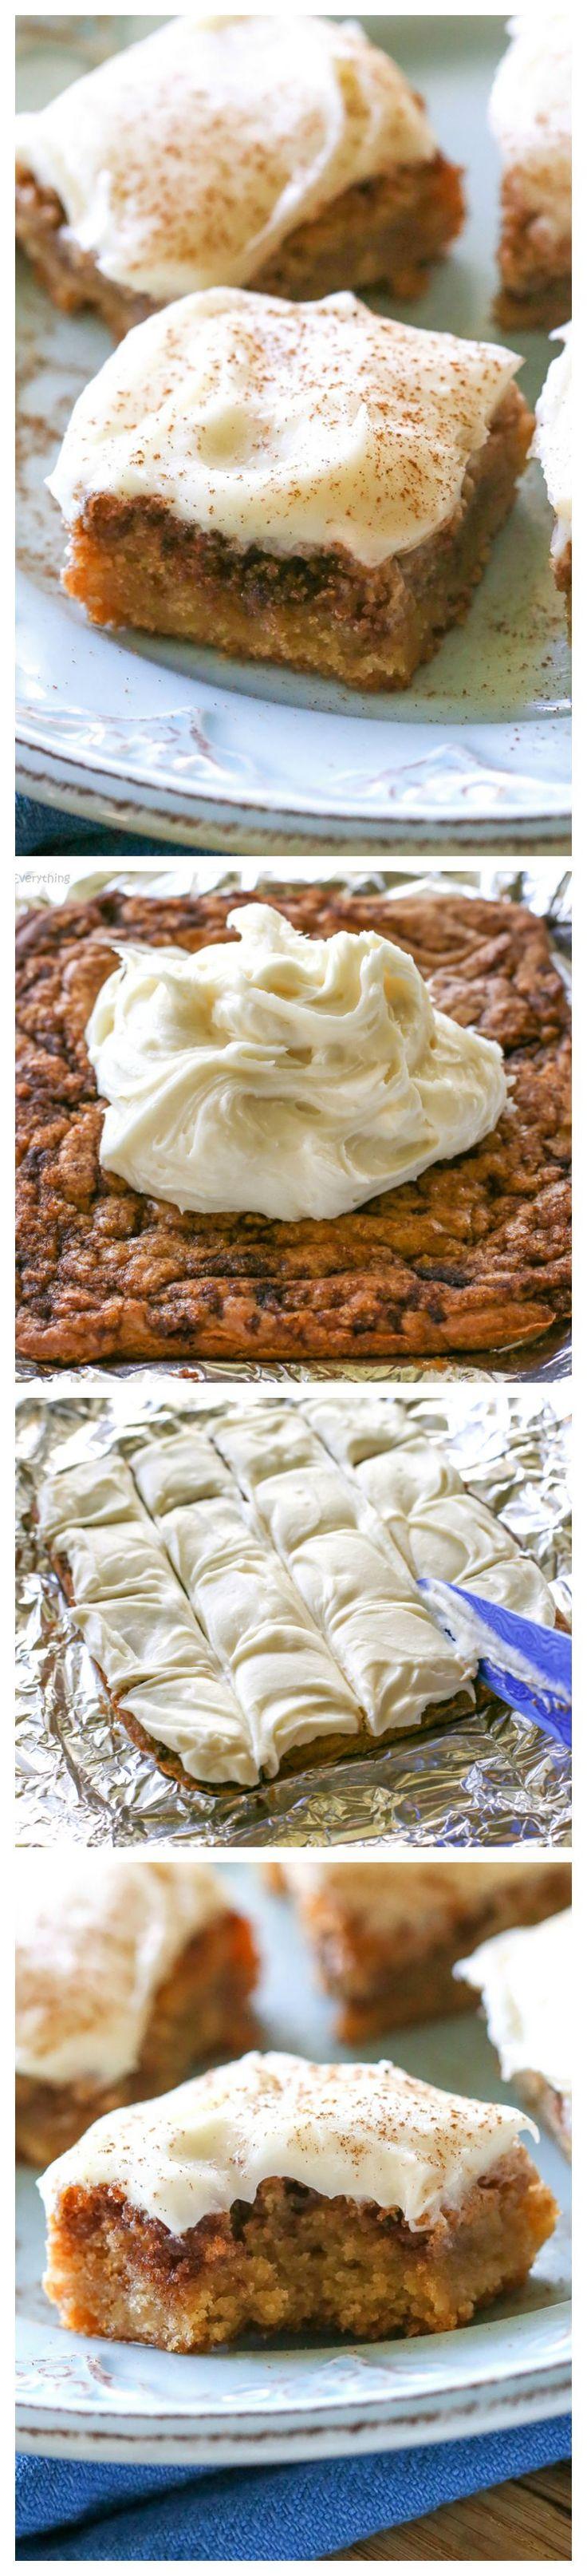 ½ šálku másla, roztaví 1 šálek hnědého cukru 1 vejce 1 ½ lžičky vanilkového ¼ lžičky soli, 1 šálek mouky skořice víření 1 lžíce másla, roztaví ¼ šálku cukru brown 1 lžička skořice poleva : 4 oz smetanový sýr, měkčené ¼ šálku másla, měkčené ½ lžičky vanilkového 2 hrnky moučkového cukru